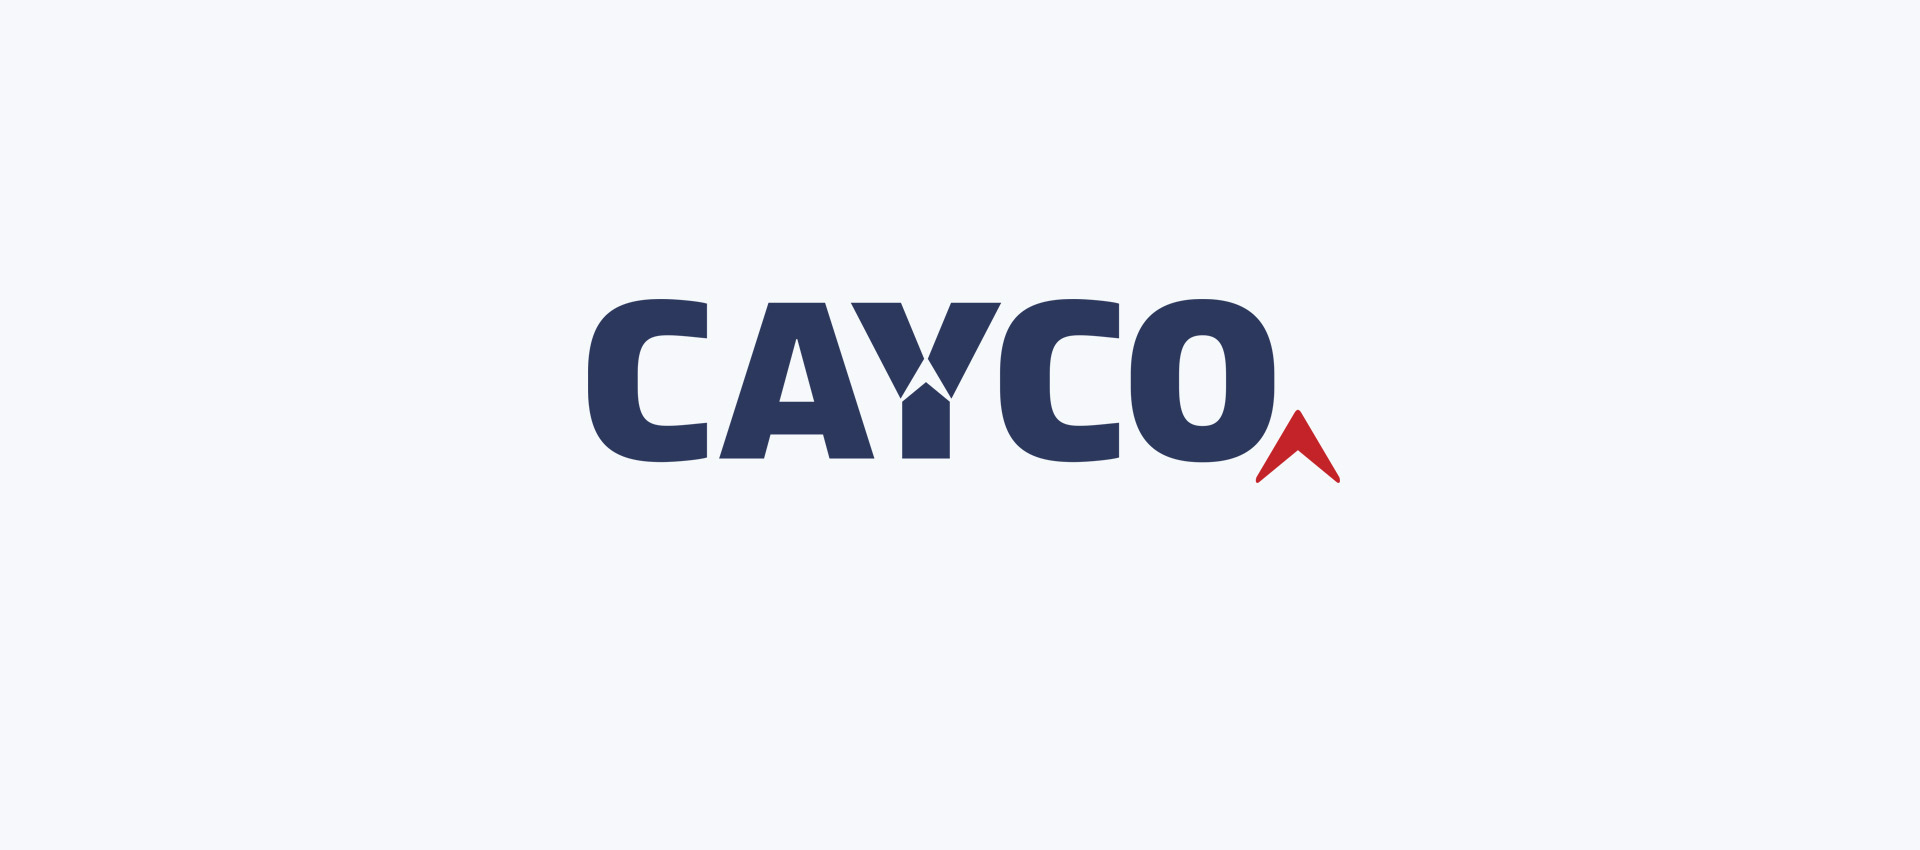 CAYCO